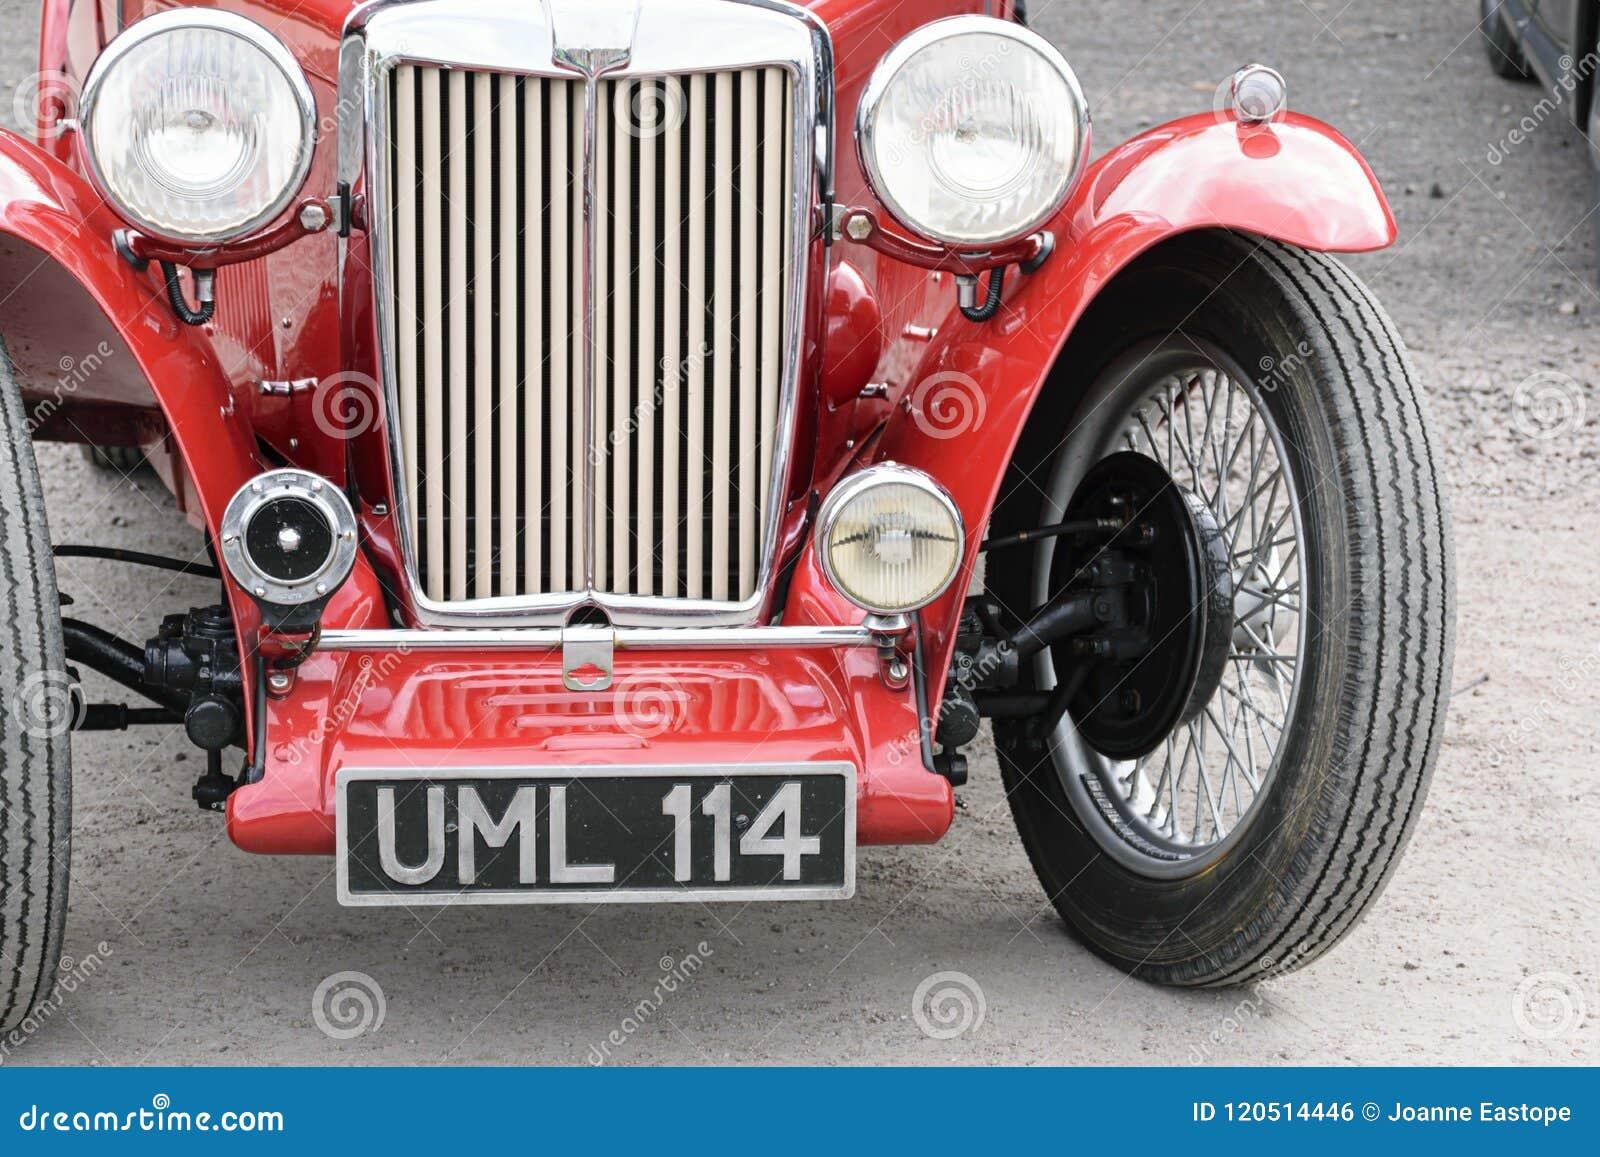 site de rencontre de voiture classique rencontres dans une relation à long terme